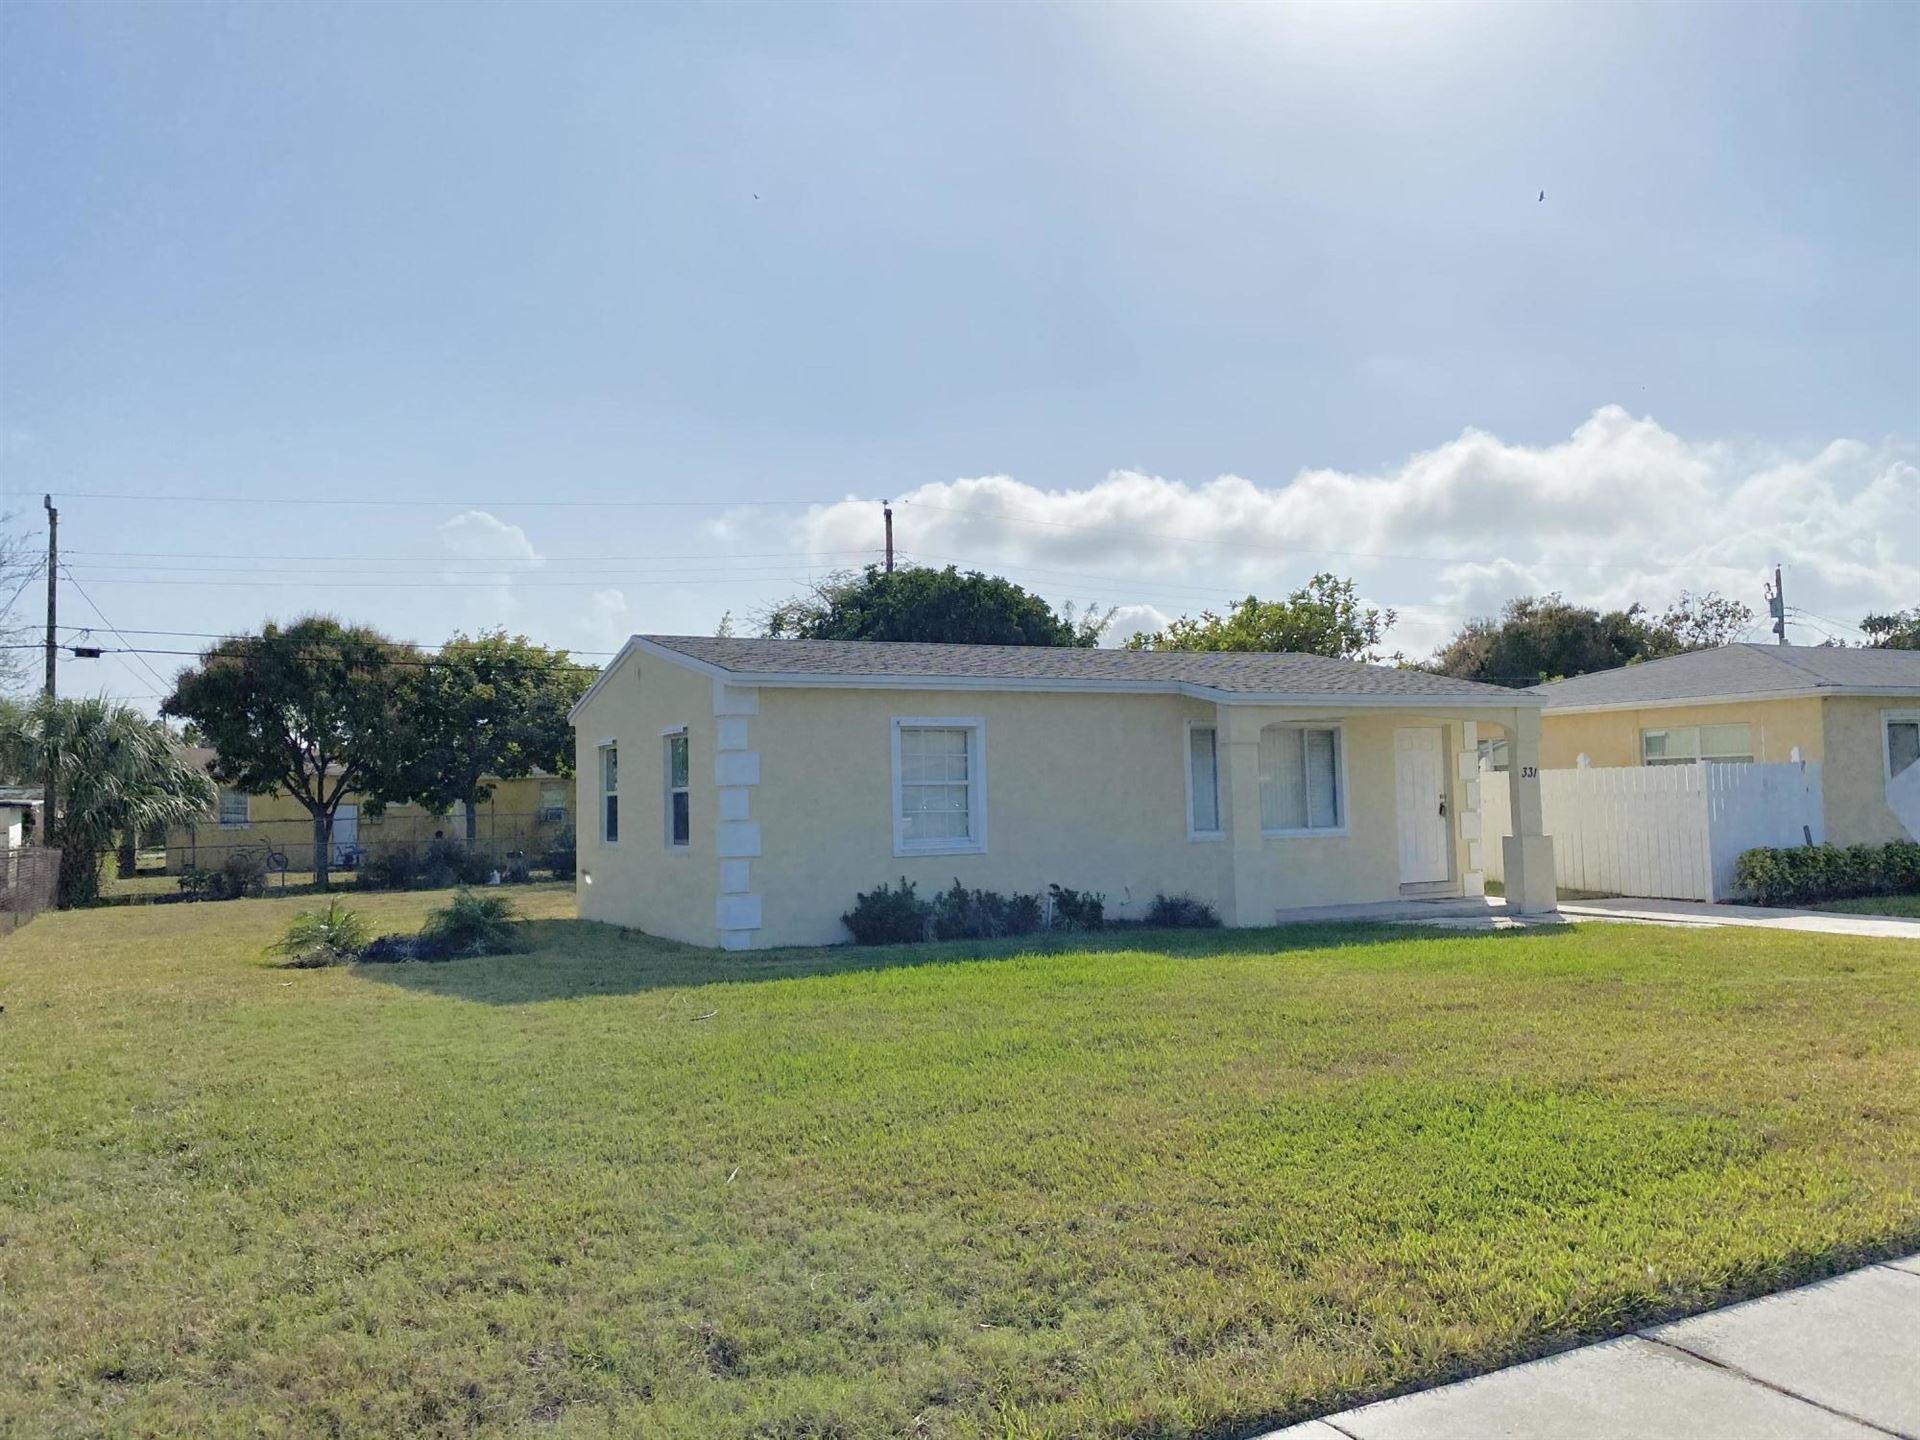 Photo of 331 W 28th Street, Riviera Beach, FL 33404 (MLS # RX-10691215)